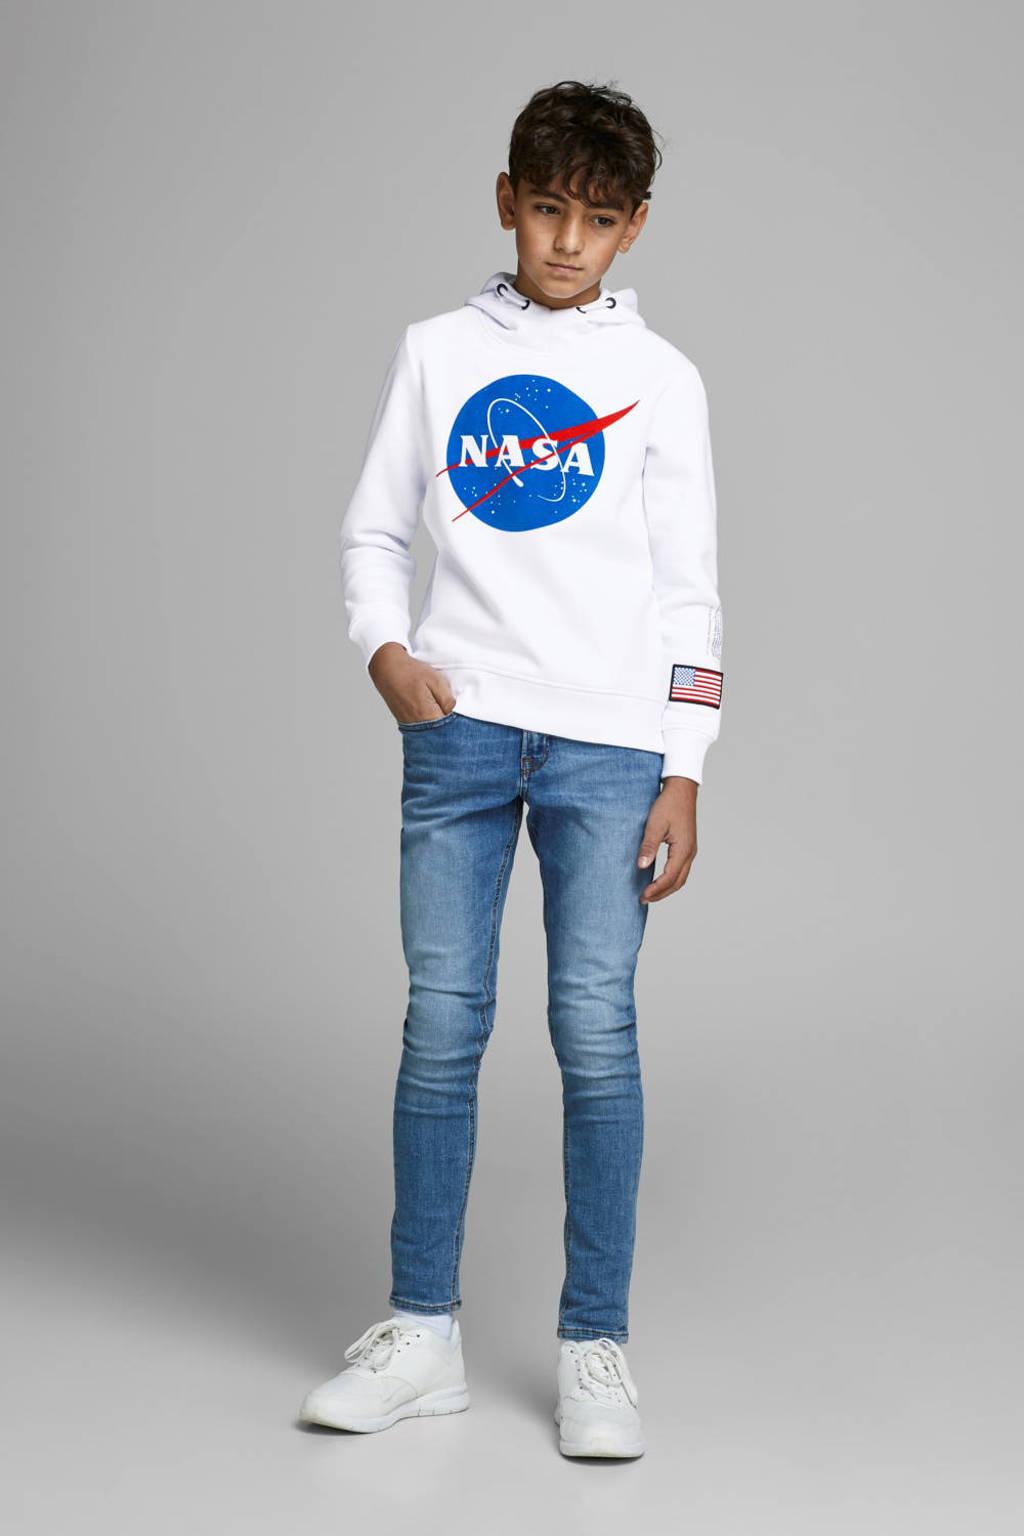 JACK & JONES JUNIOR hoodie met printopdruk wit/blauw/rood, Wit/blauw/rood